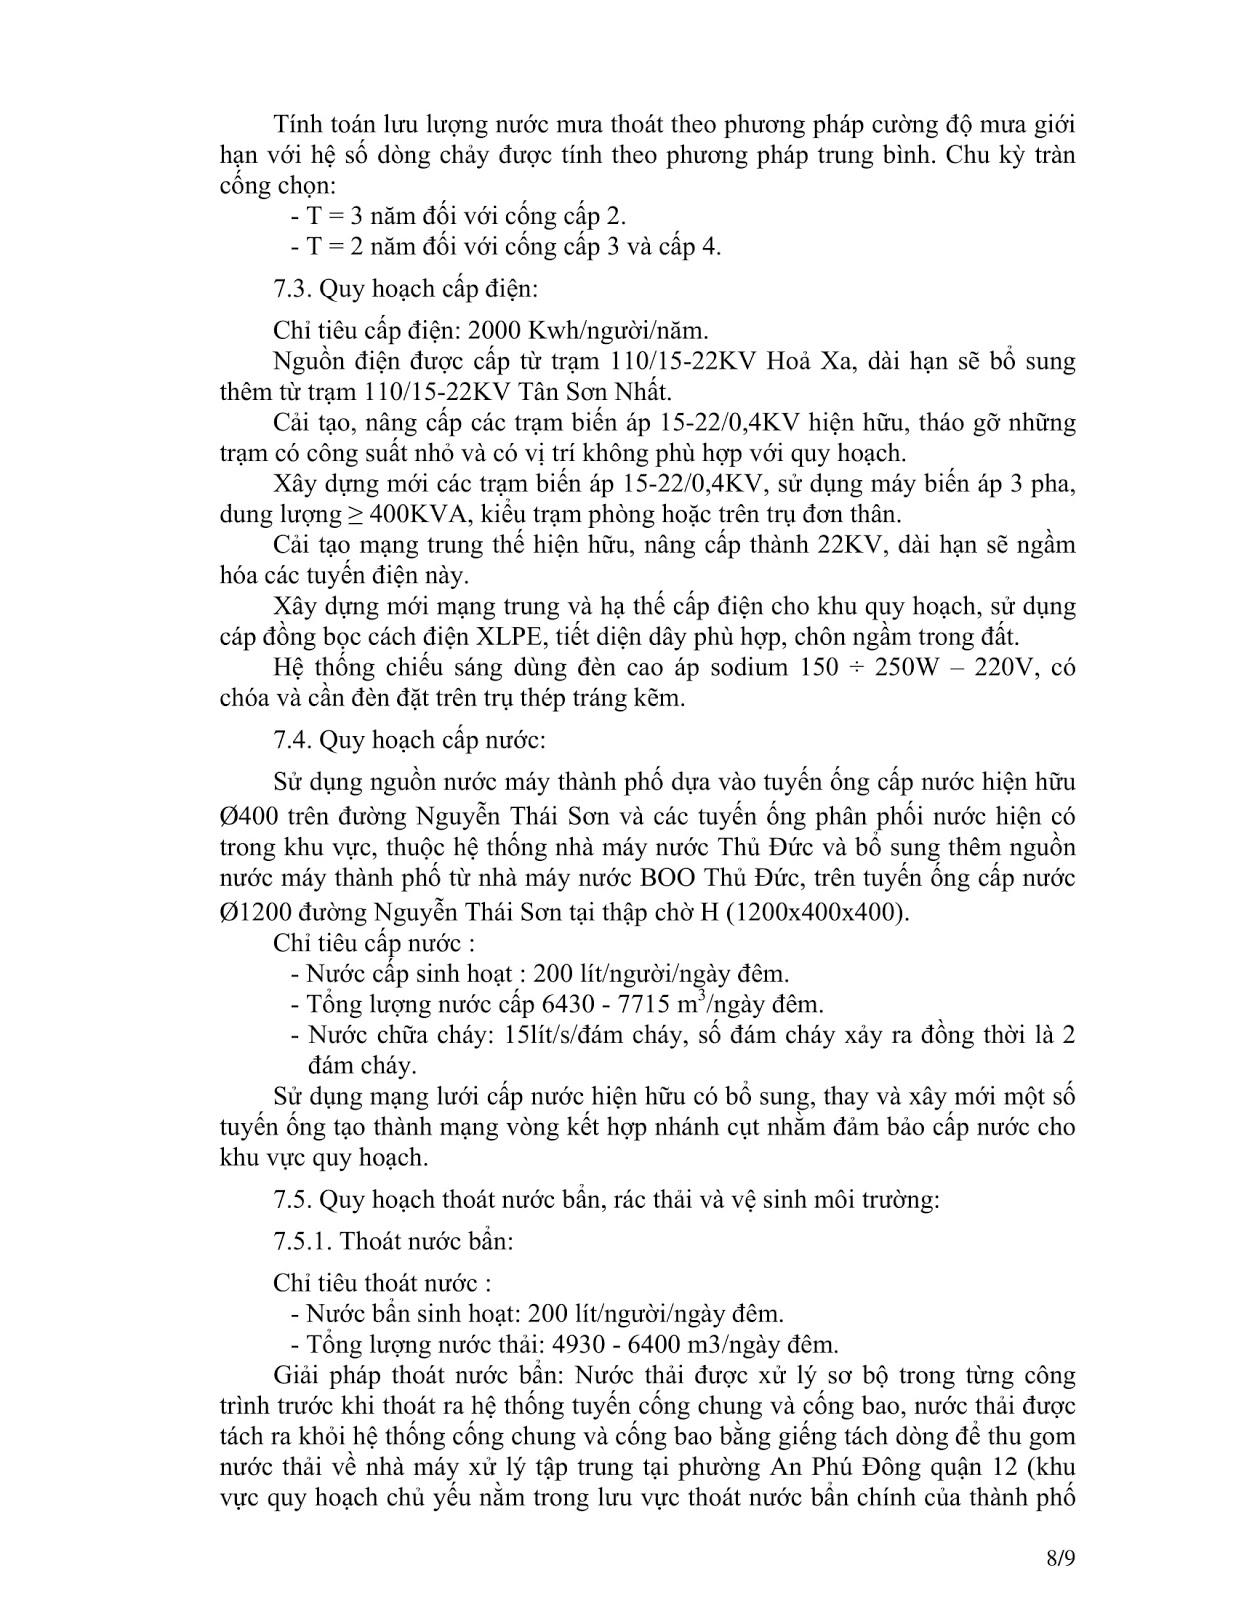 Quyết Định Số 2921/QĐ-UBND Quy Hoạch Khu Dân Cư Phường 4 Quận Gò Vấp Tờ 8